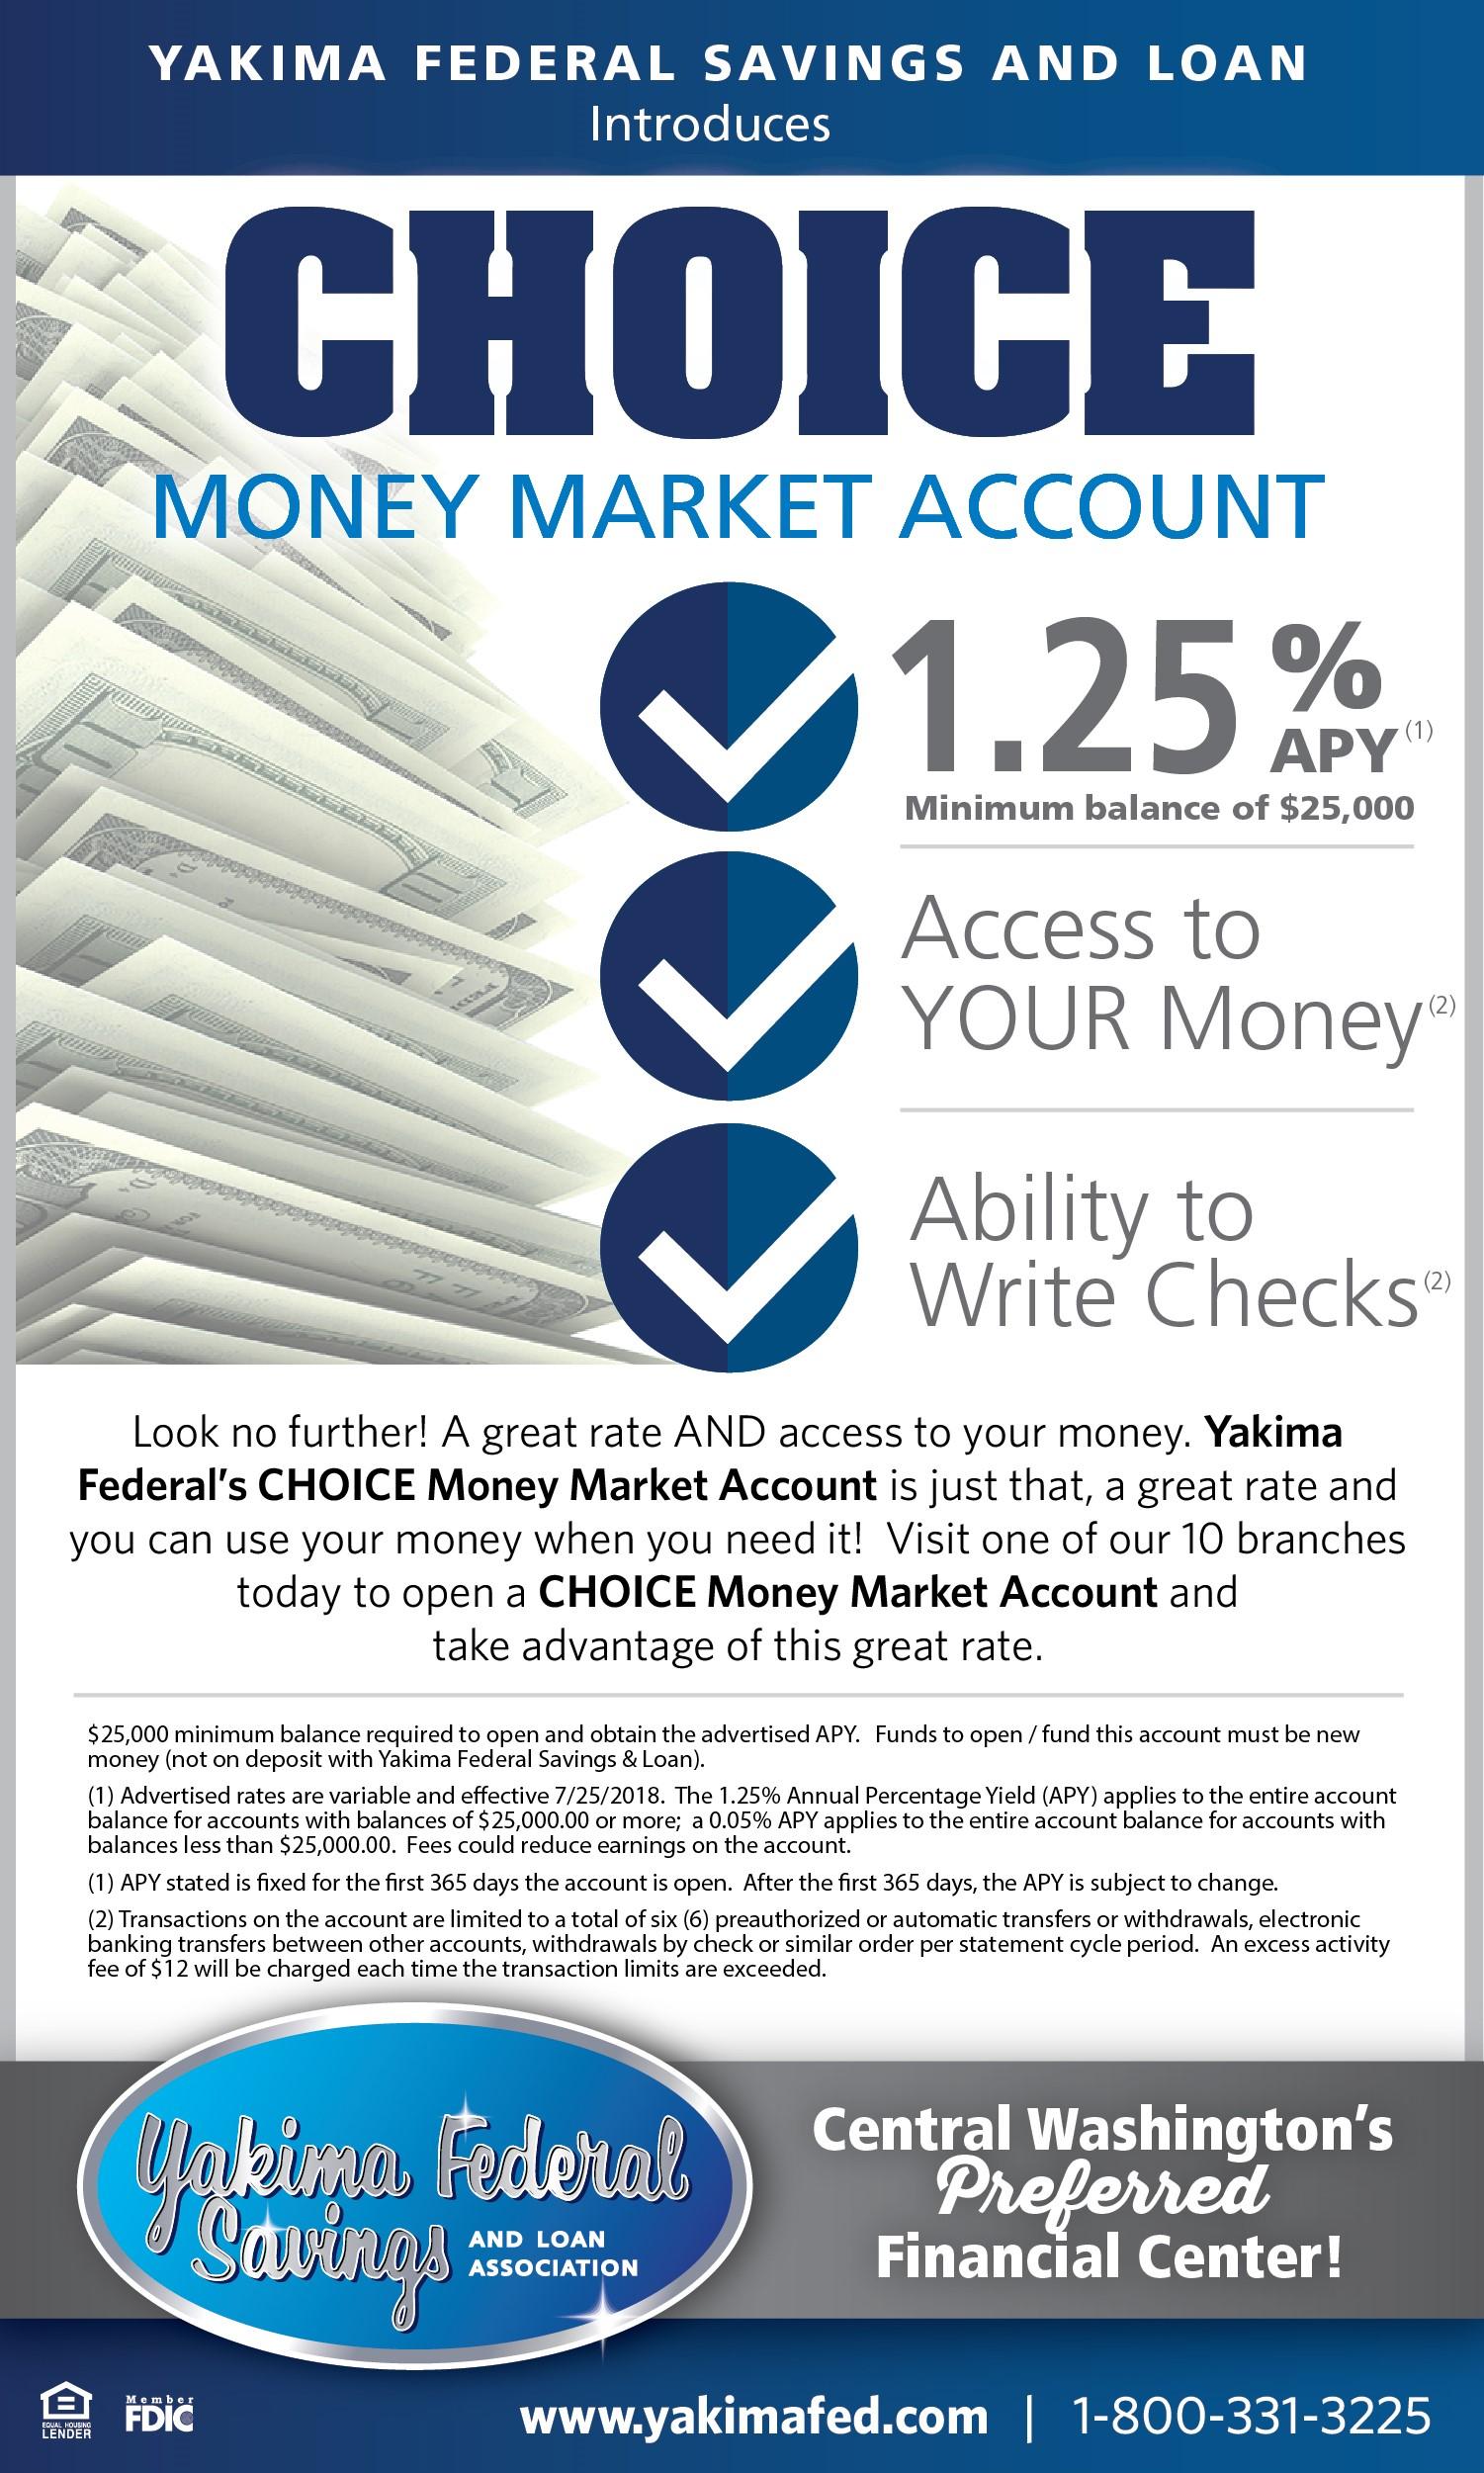 CHOICE Money Market Account